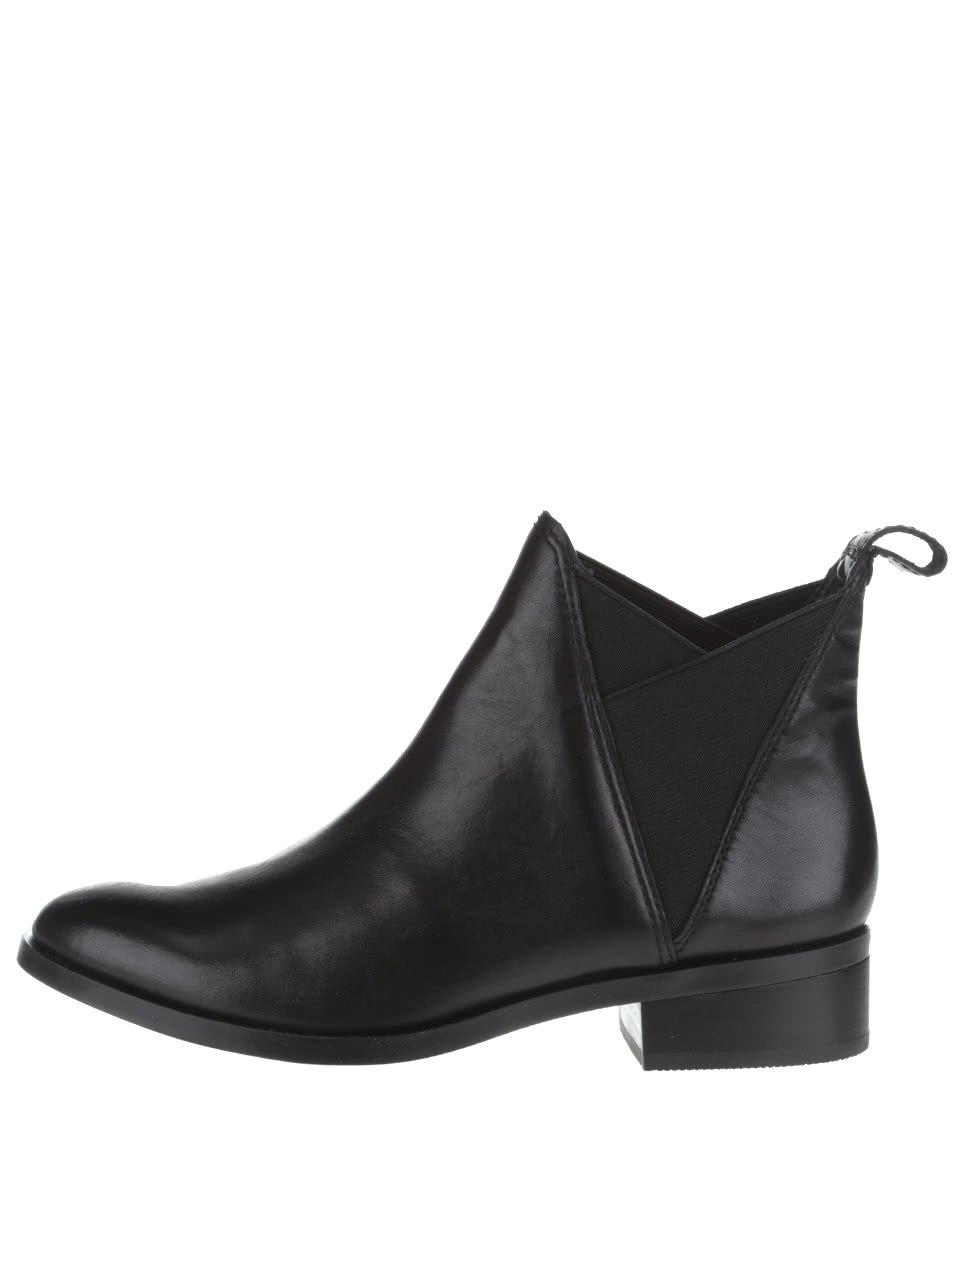 Černé kožené dámské chelsea boty ALDO Scotch